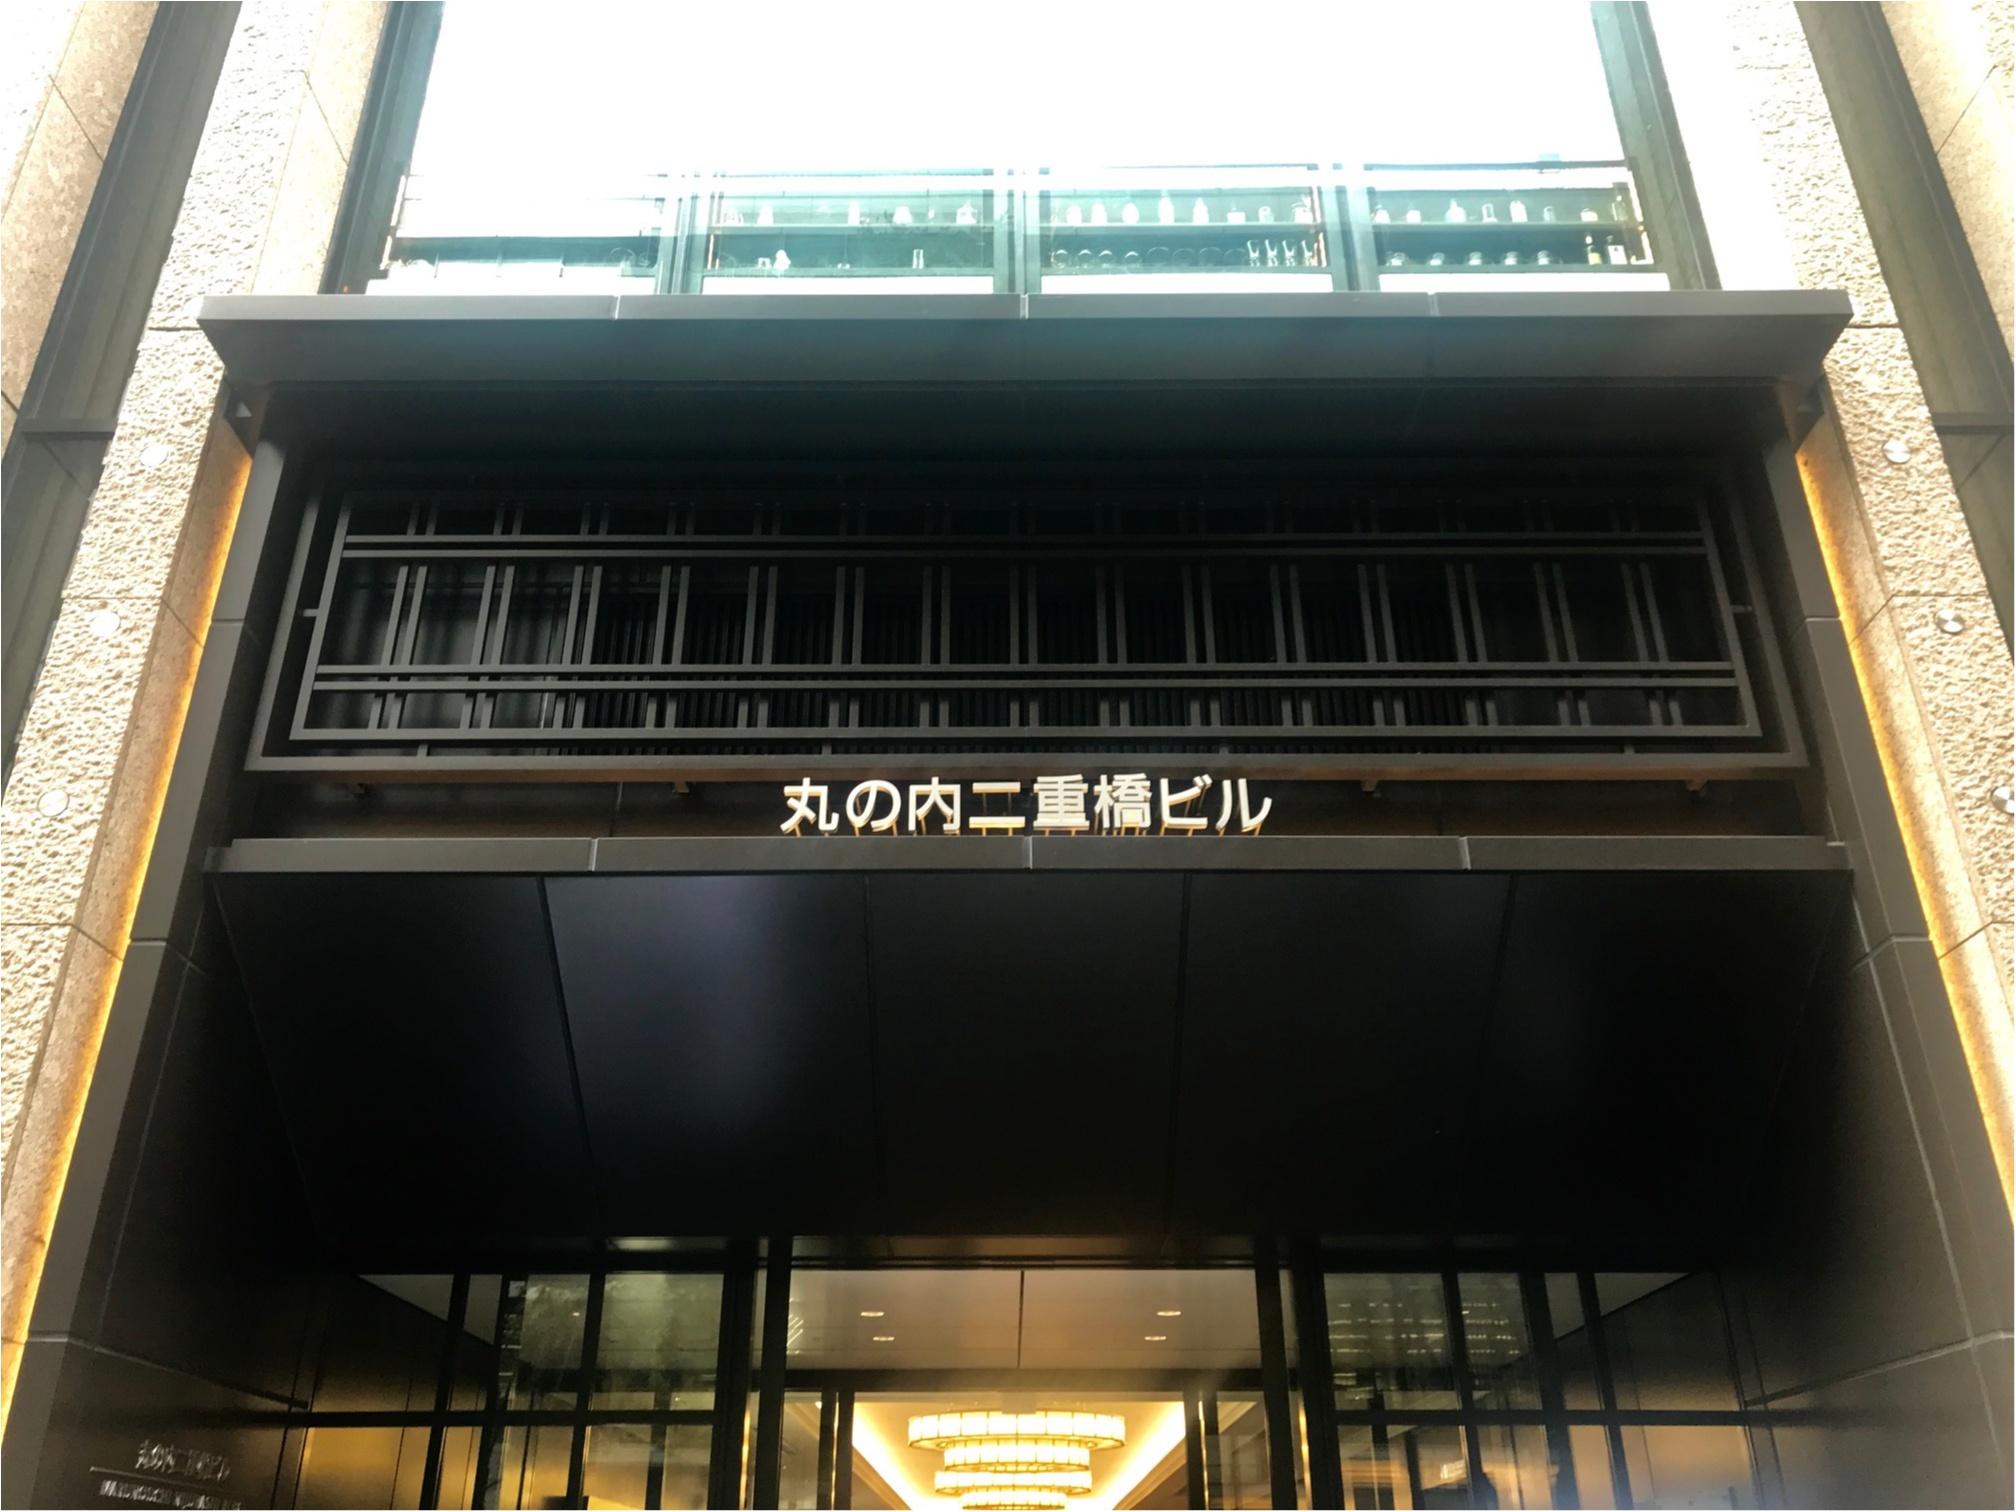 【内覧会レポ】11/8(木)オープンの『二重橋スクエア』で、女子におすすめなグルメショップ7選!!_1